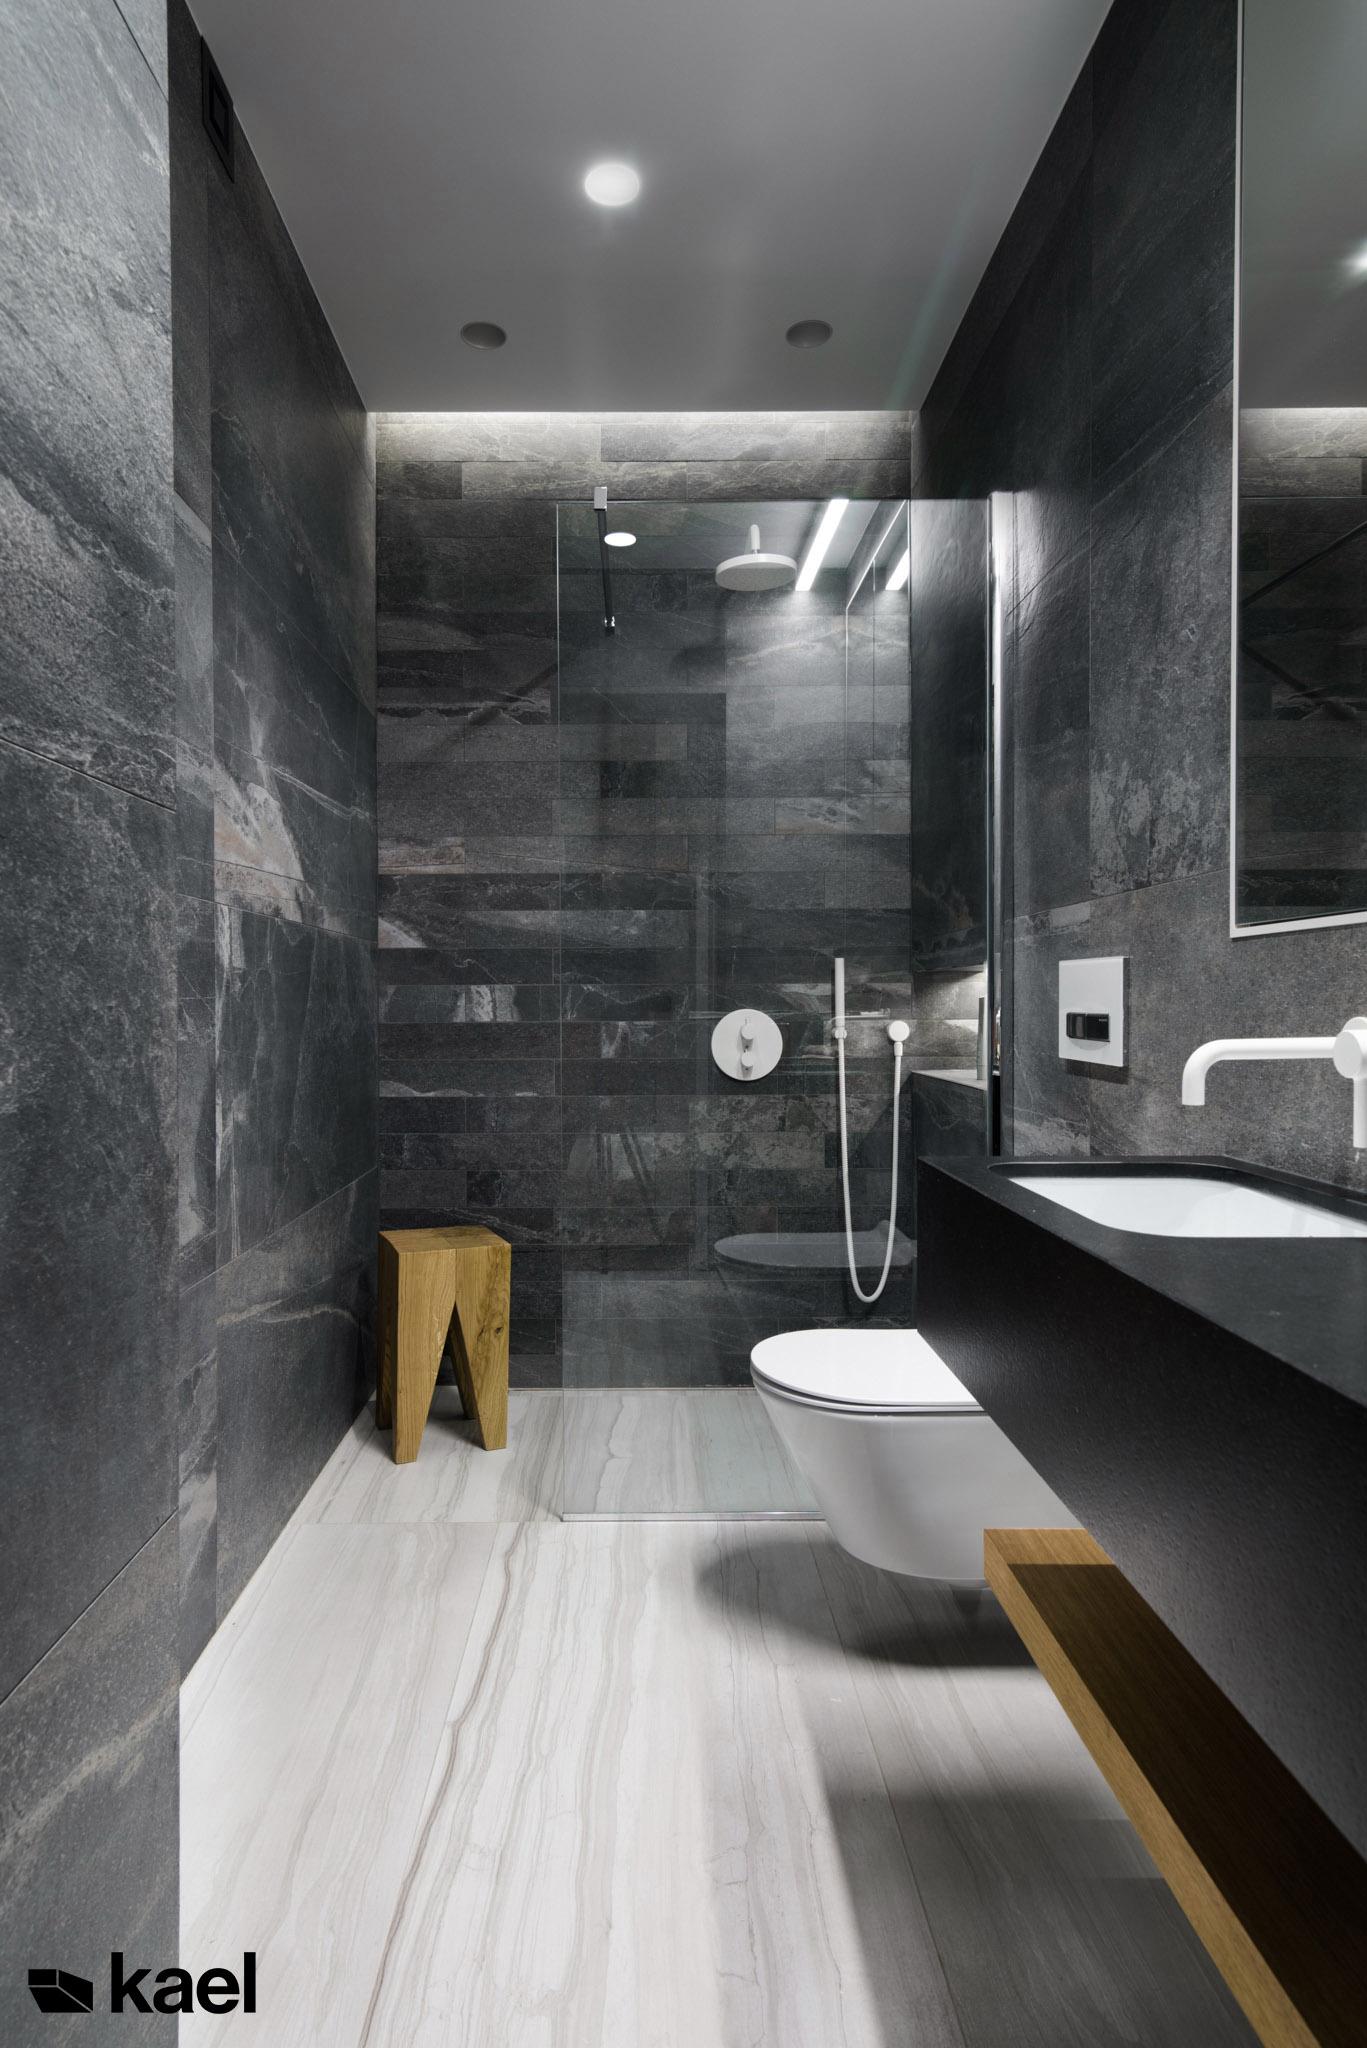 Kamienna minimalistyczna łazienka